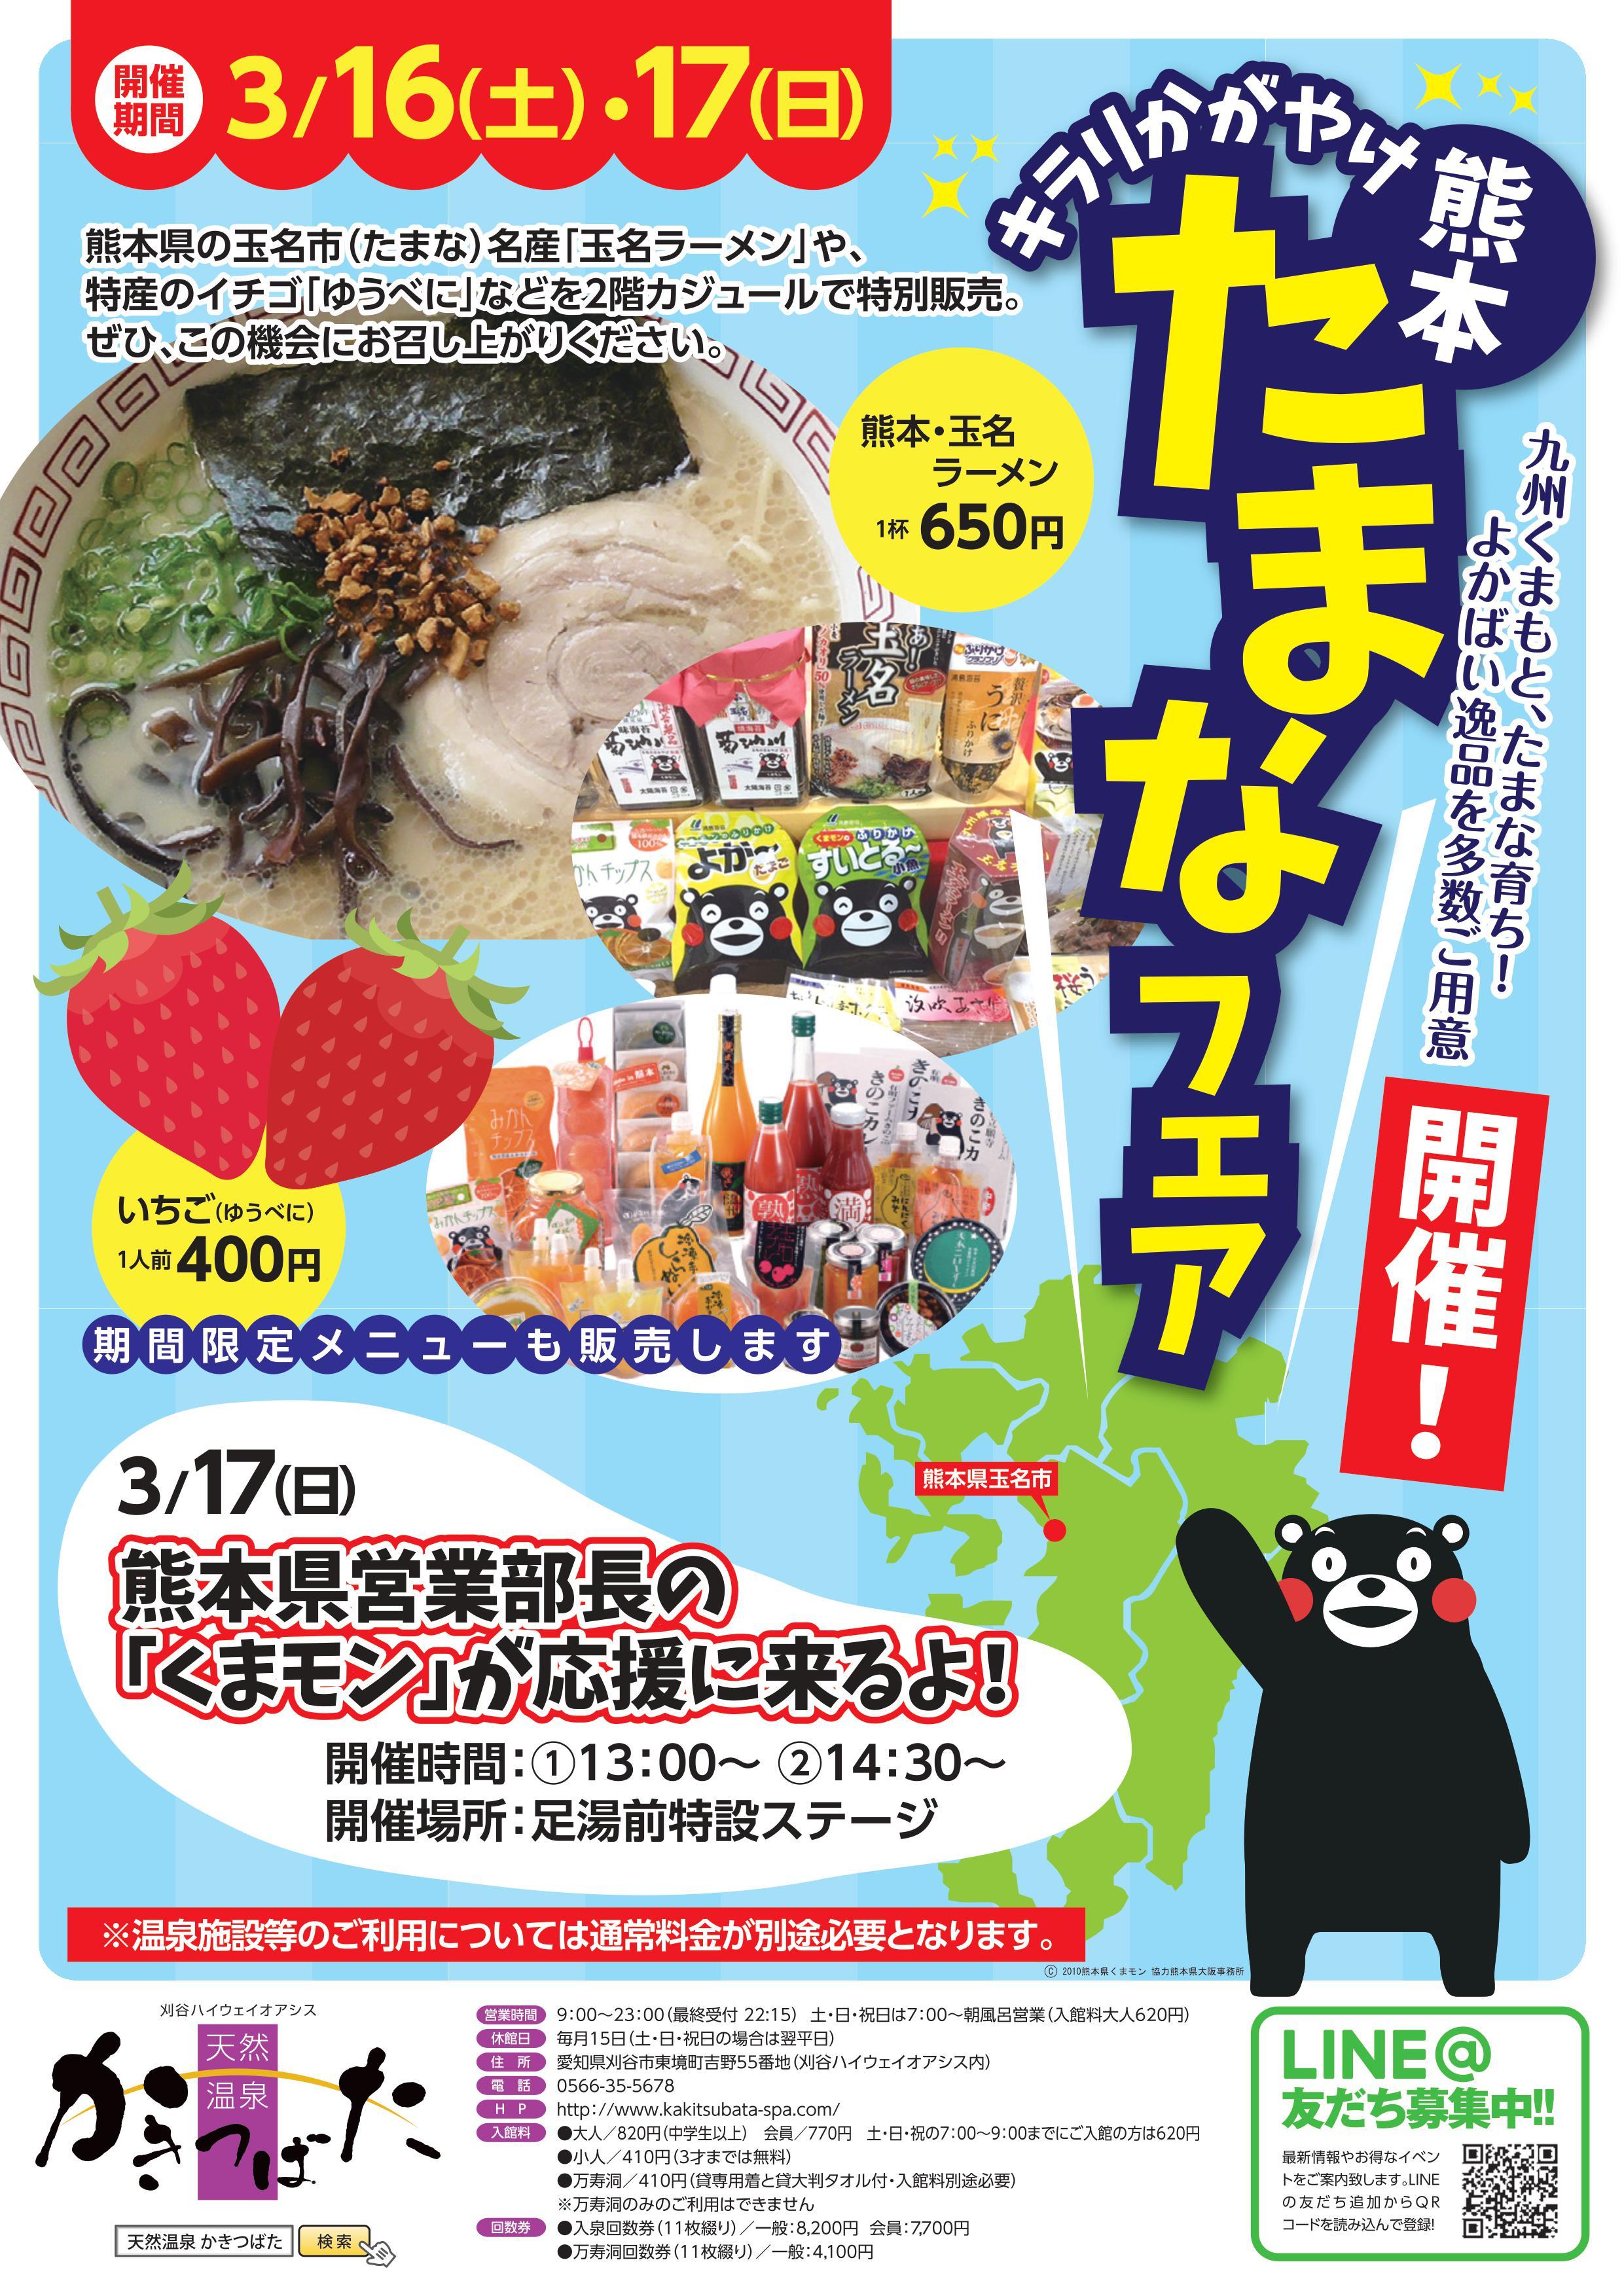 3月16日(土)・17日(日)熊本・たまなフェアー